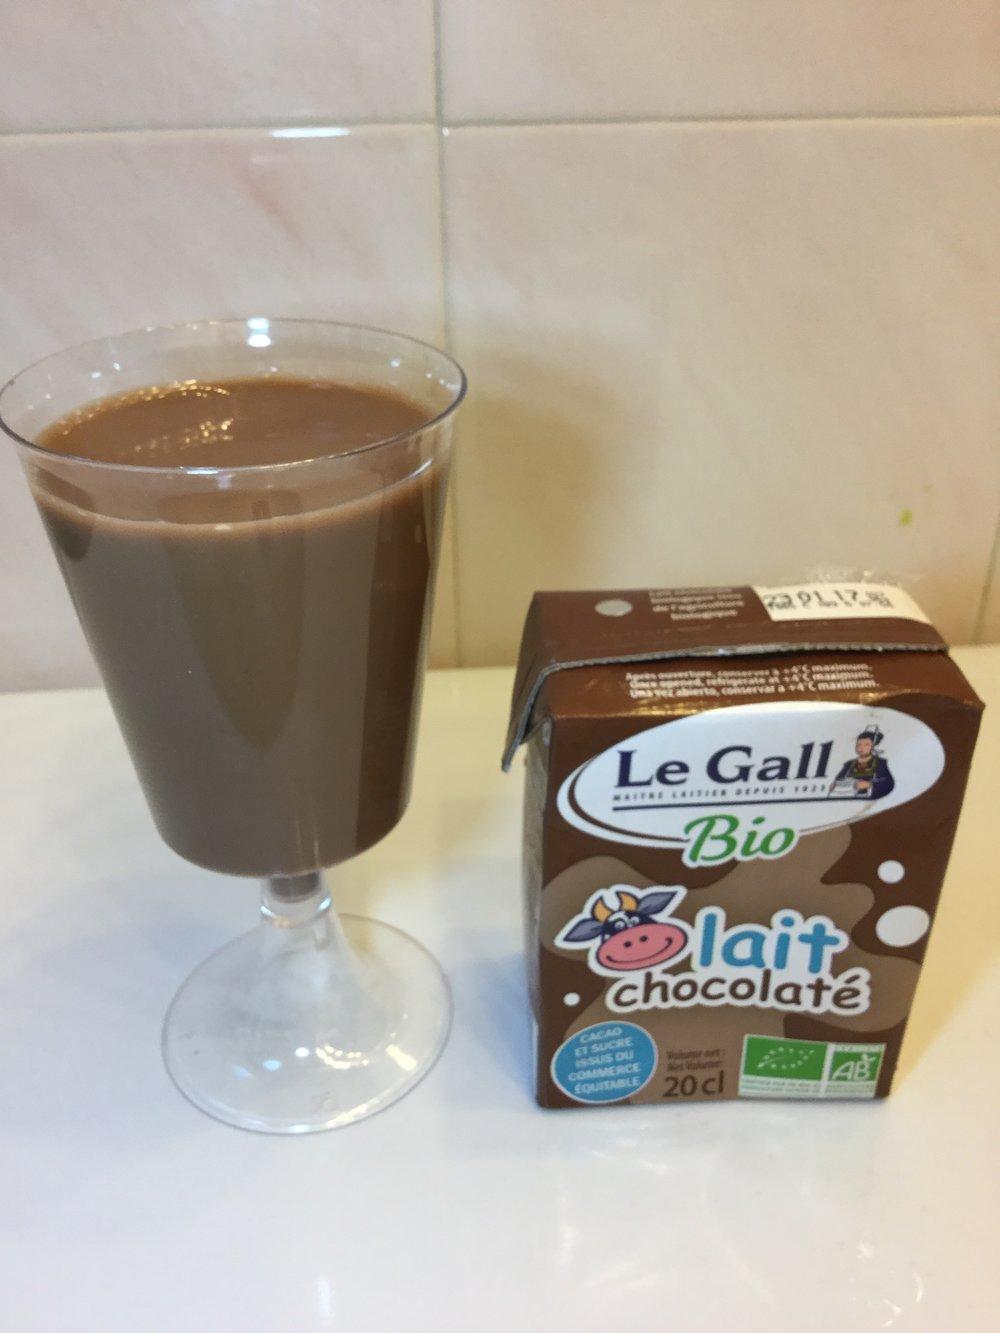 Le Gall Bio Lait Chocolaté Cup